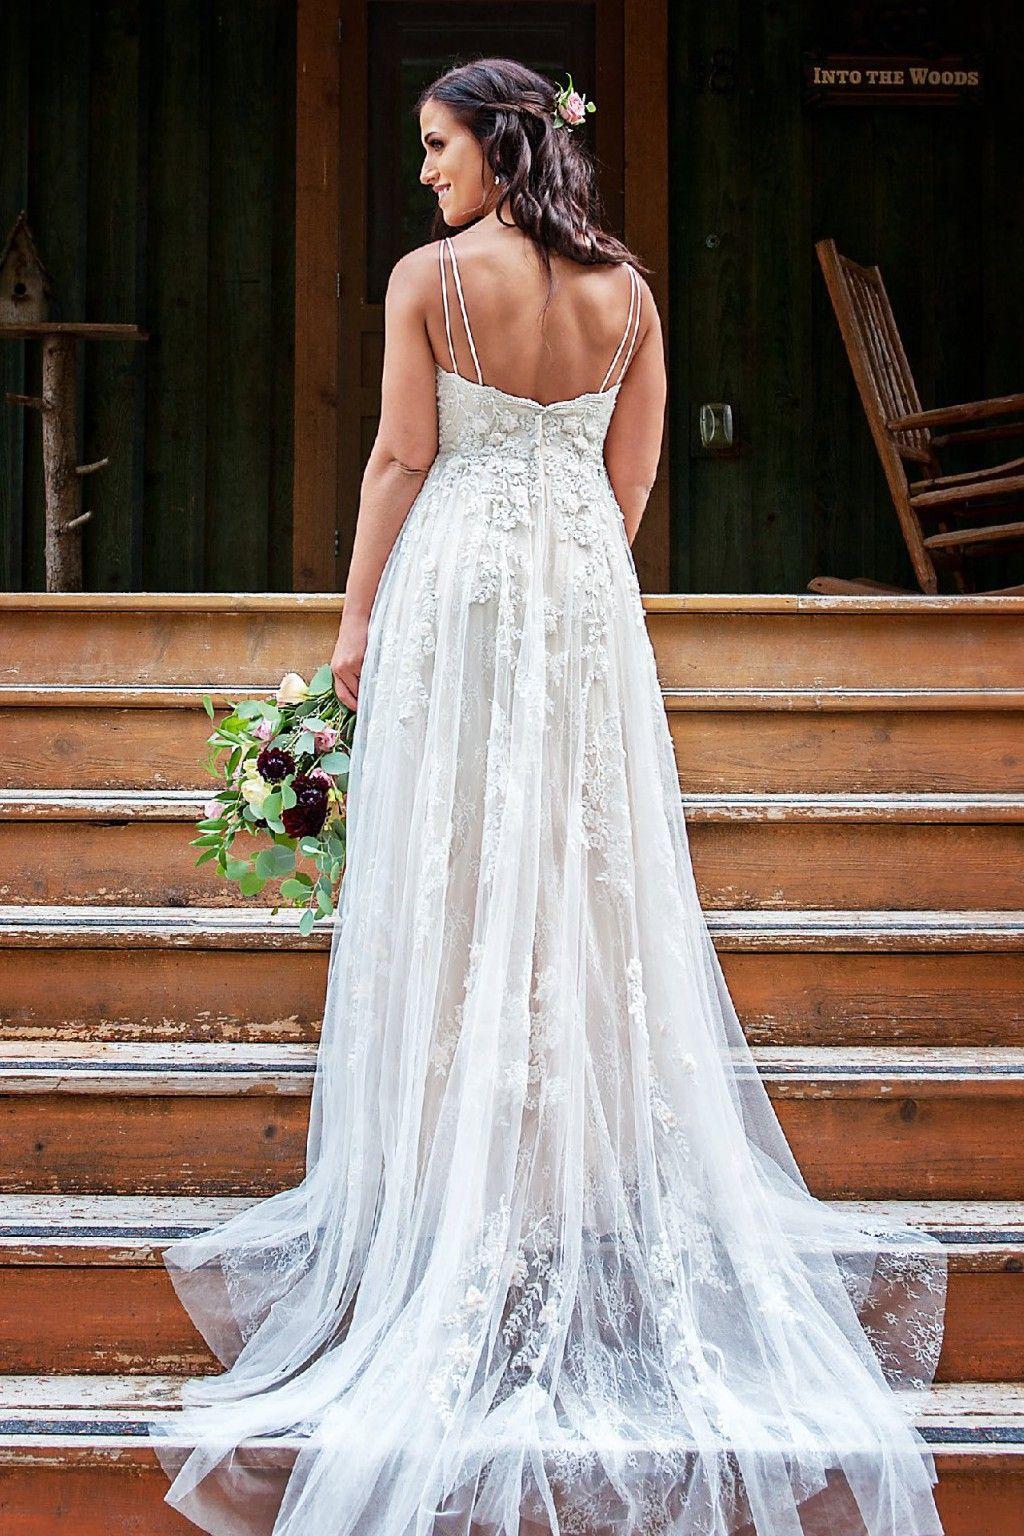 Melissa Sweet 25050112 Preloved Wedding Dress Save 28 Sweet Wedding Dresses Ethereal Wedding Dress Wedding Dress Necklines [ 1536 x 1024 Pixel ]